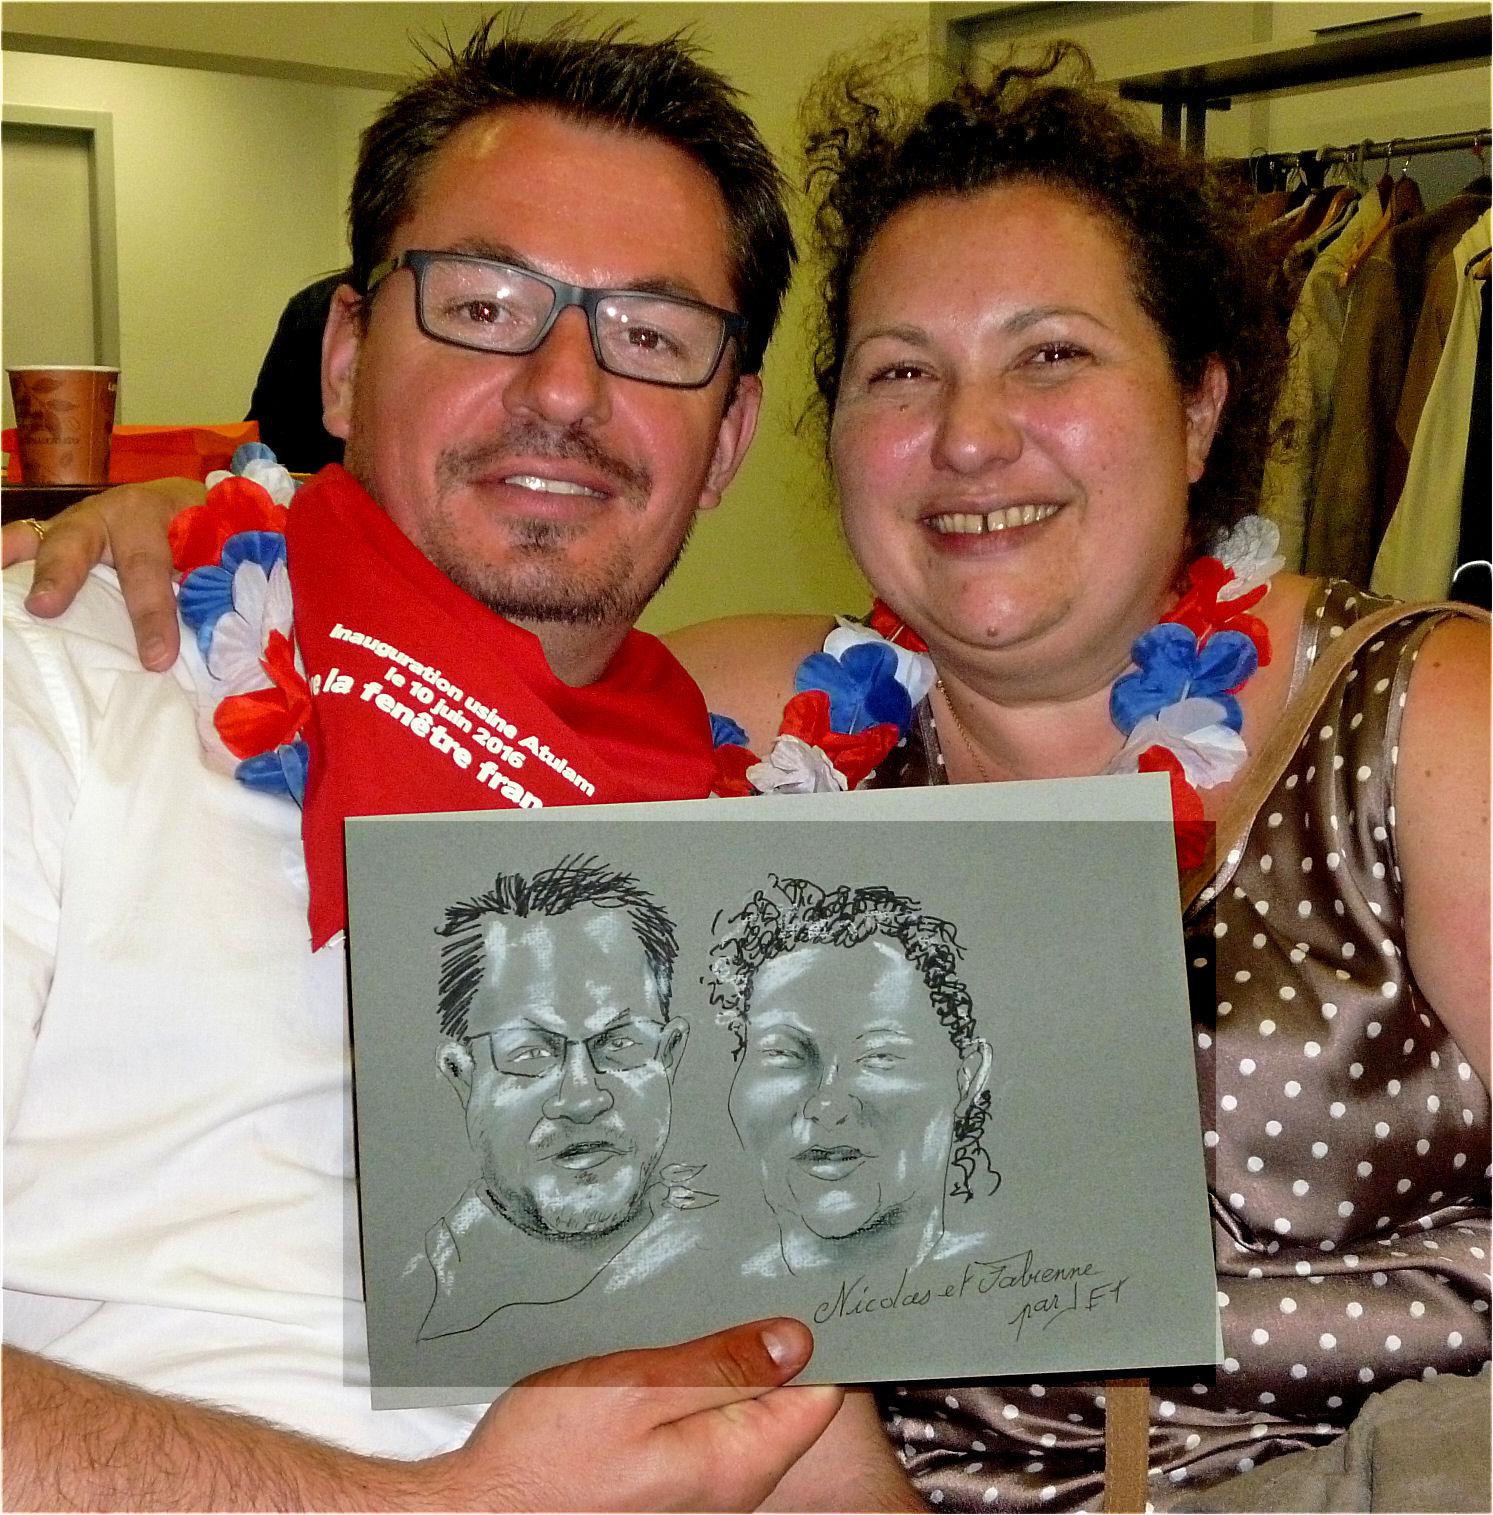 Nicolas et Fabienne caricature de JEF